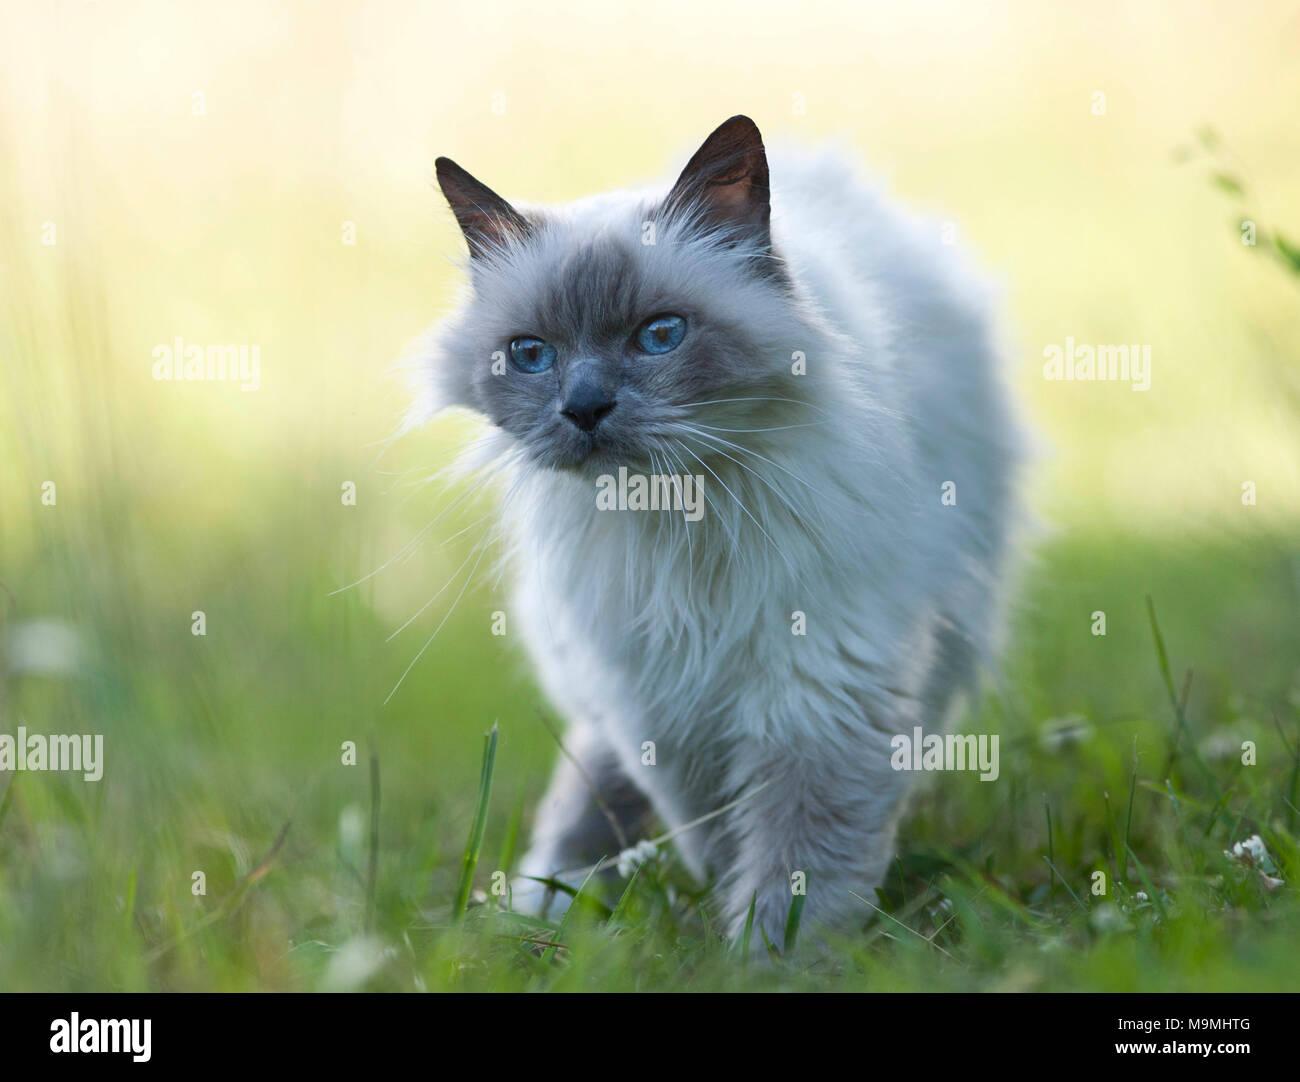 Gatto sacri di birmania. Il vecchio gatto a camminare su un prato, si vede in testa-a. Germania Immagini Stock